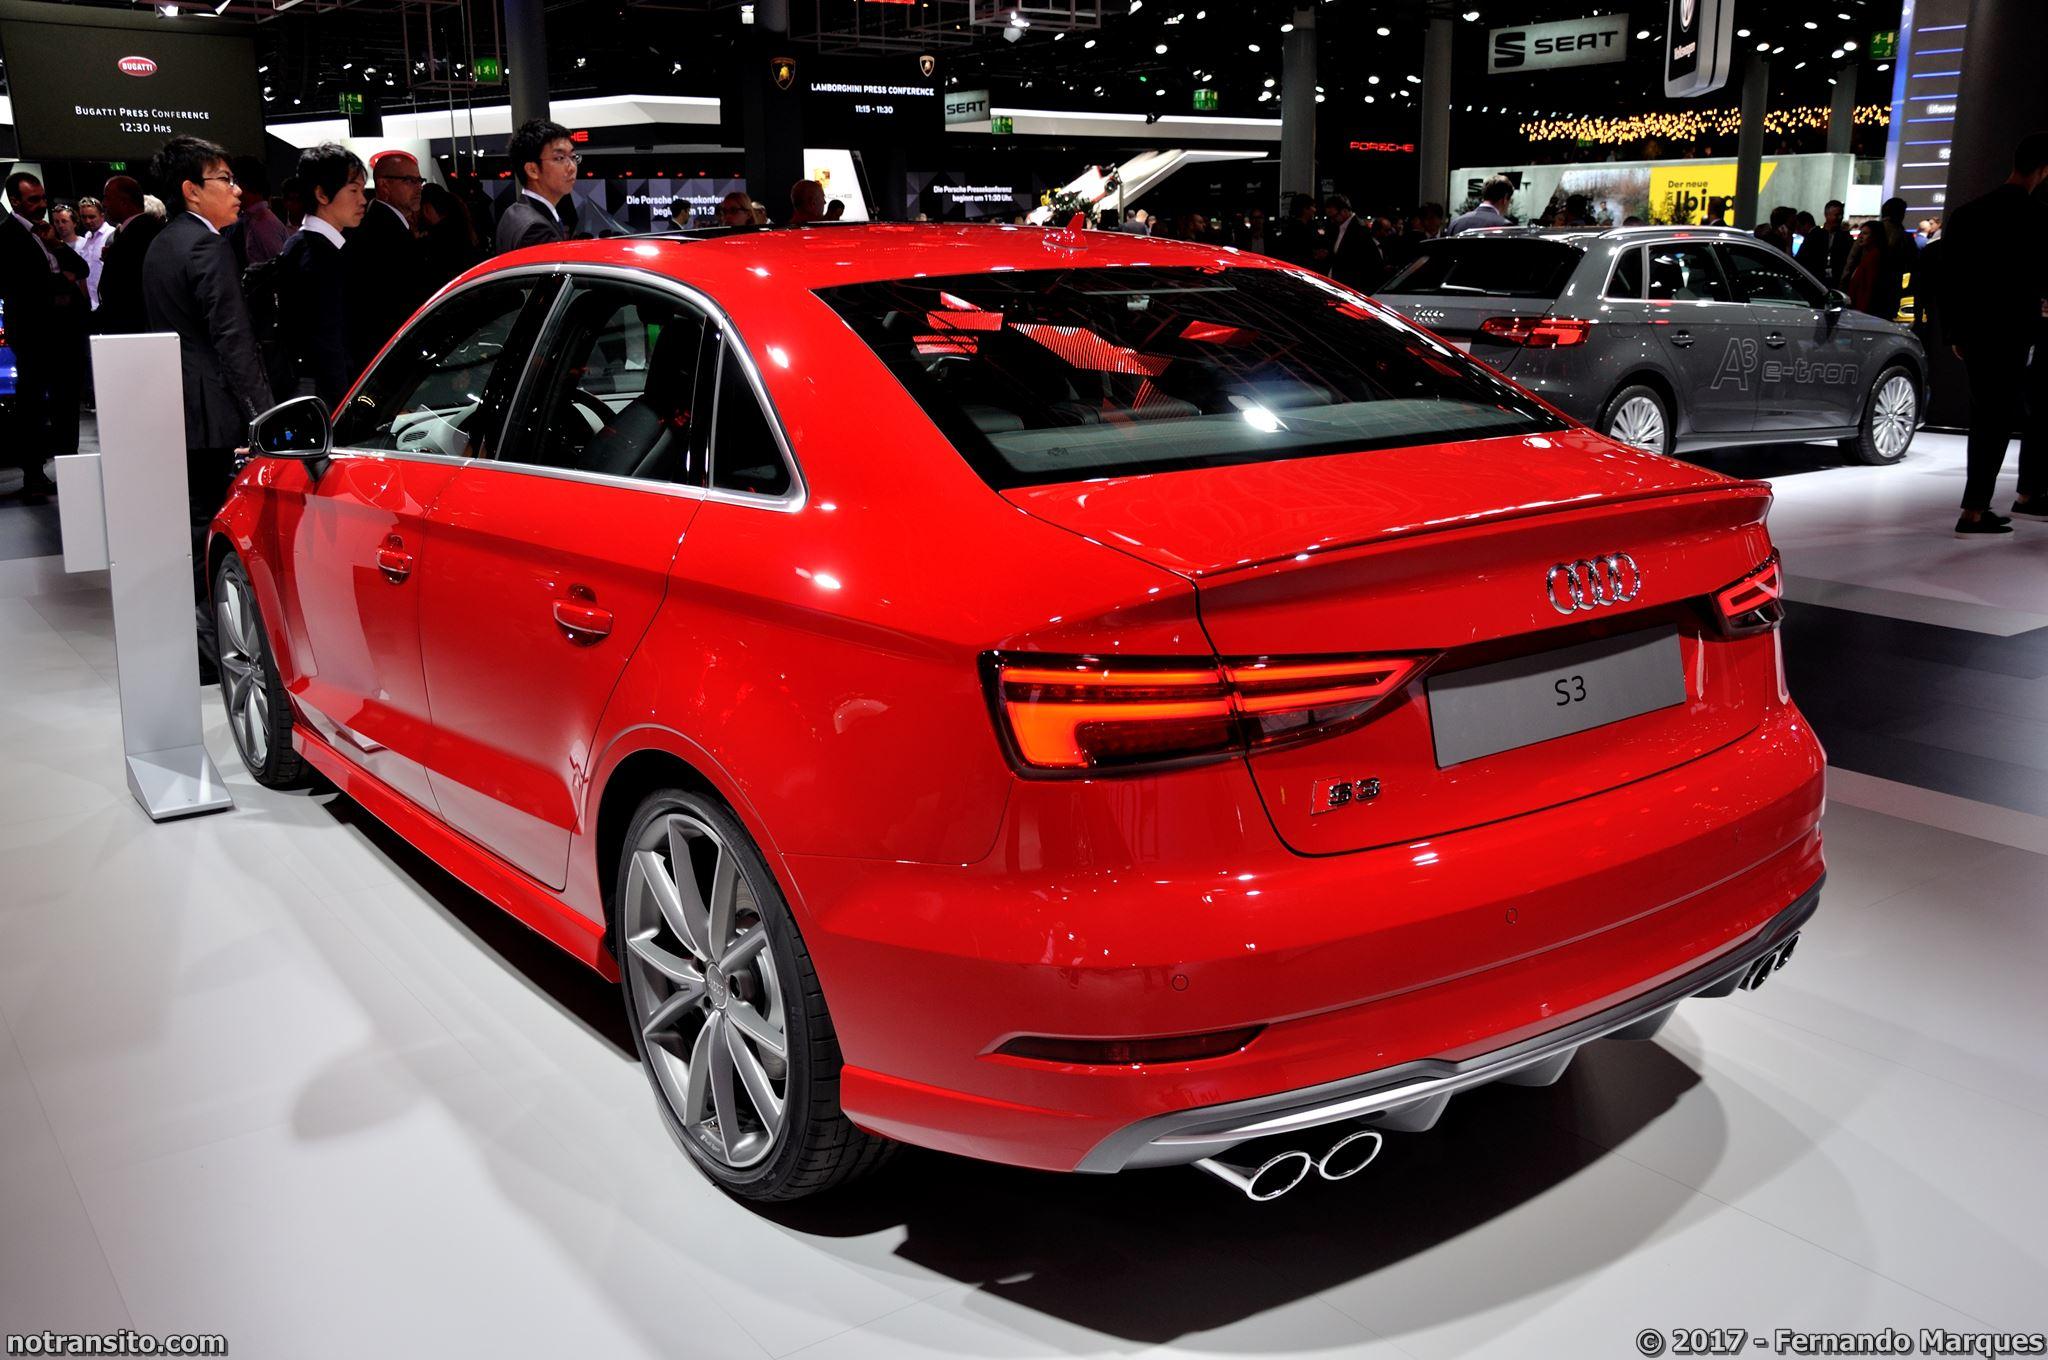 Audi-S3-Seda-Frankfurt-2017-003